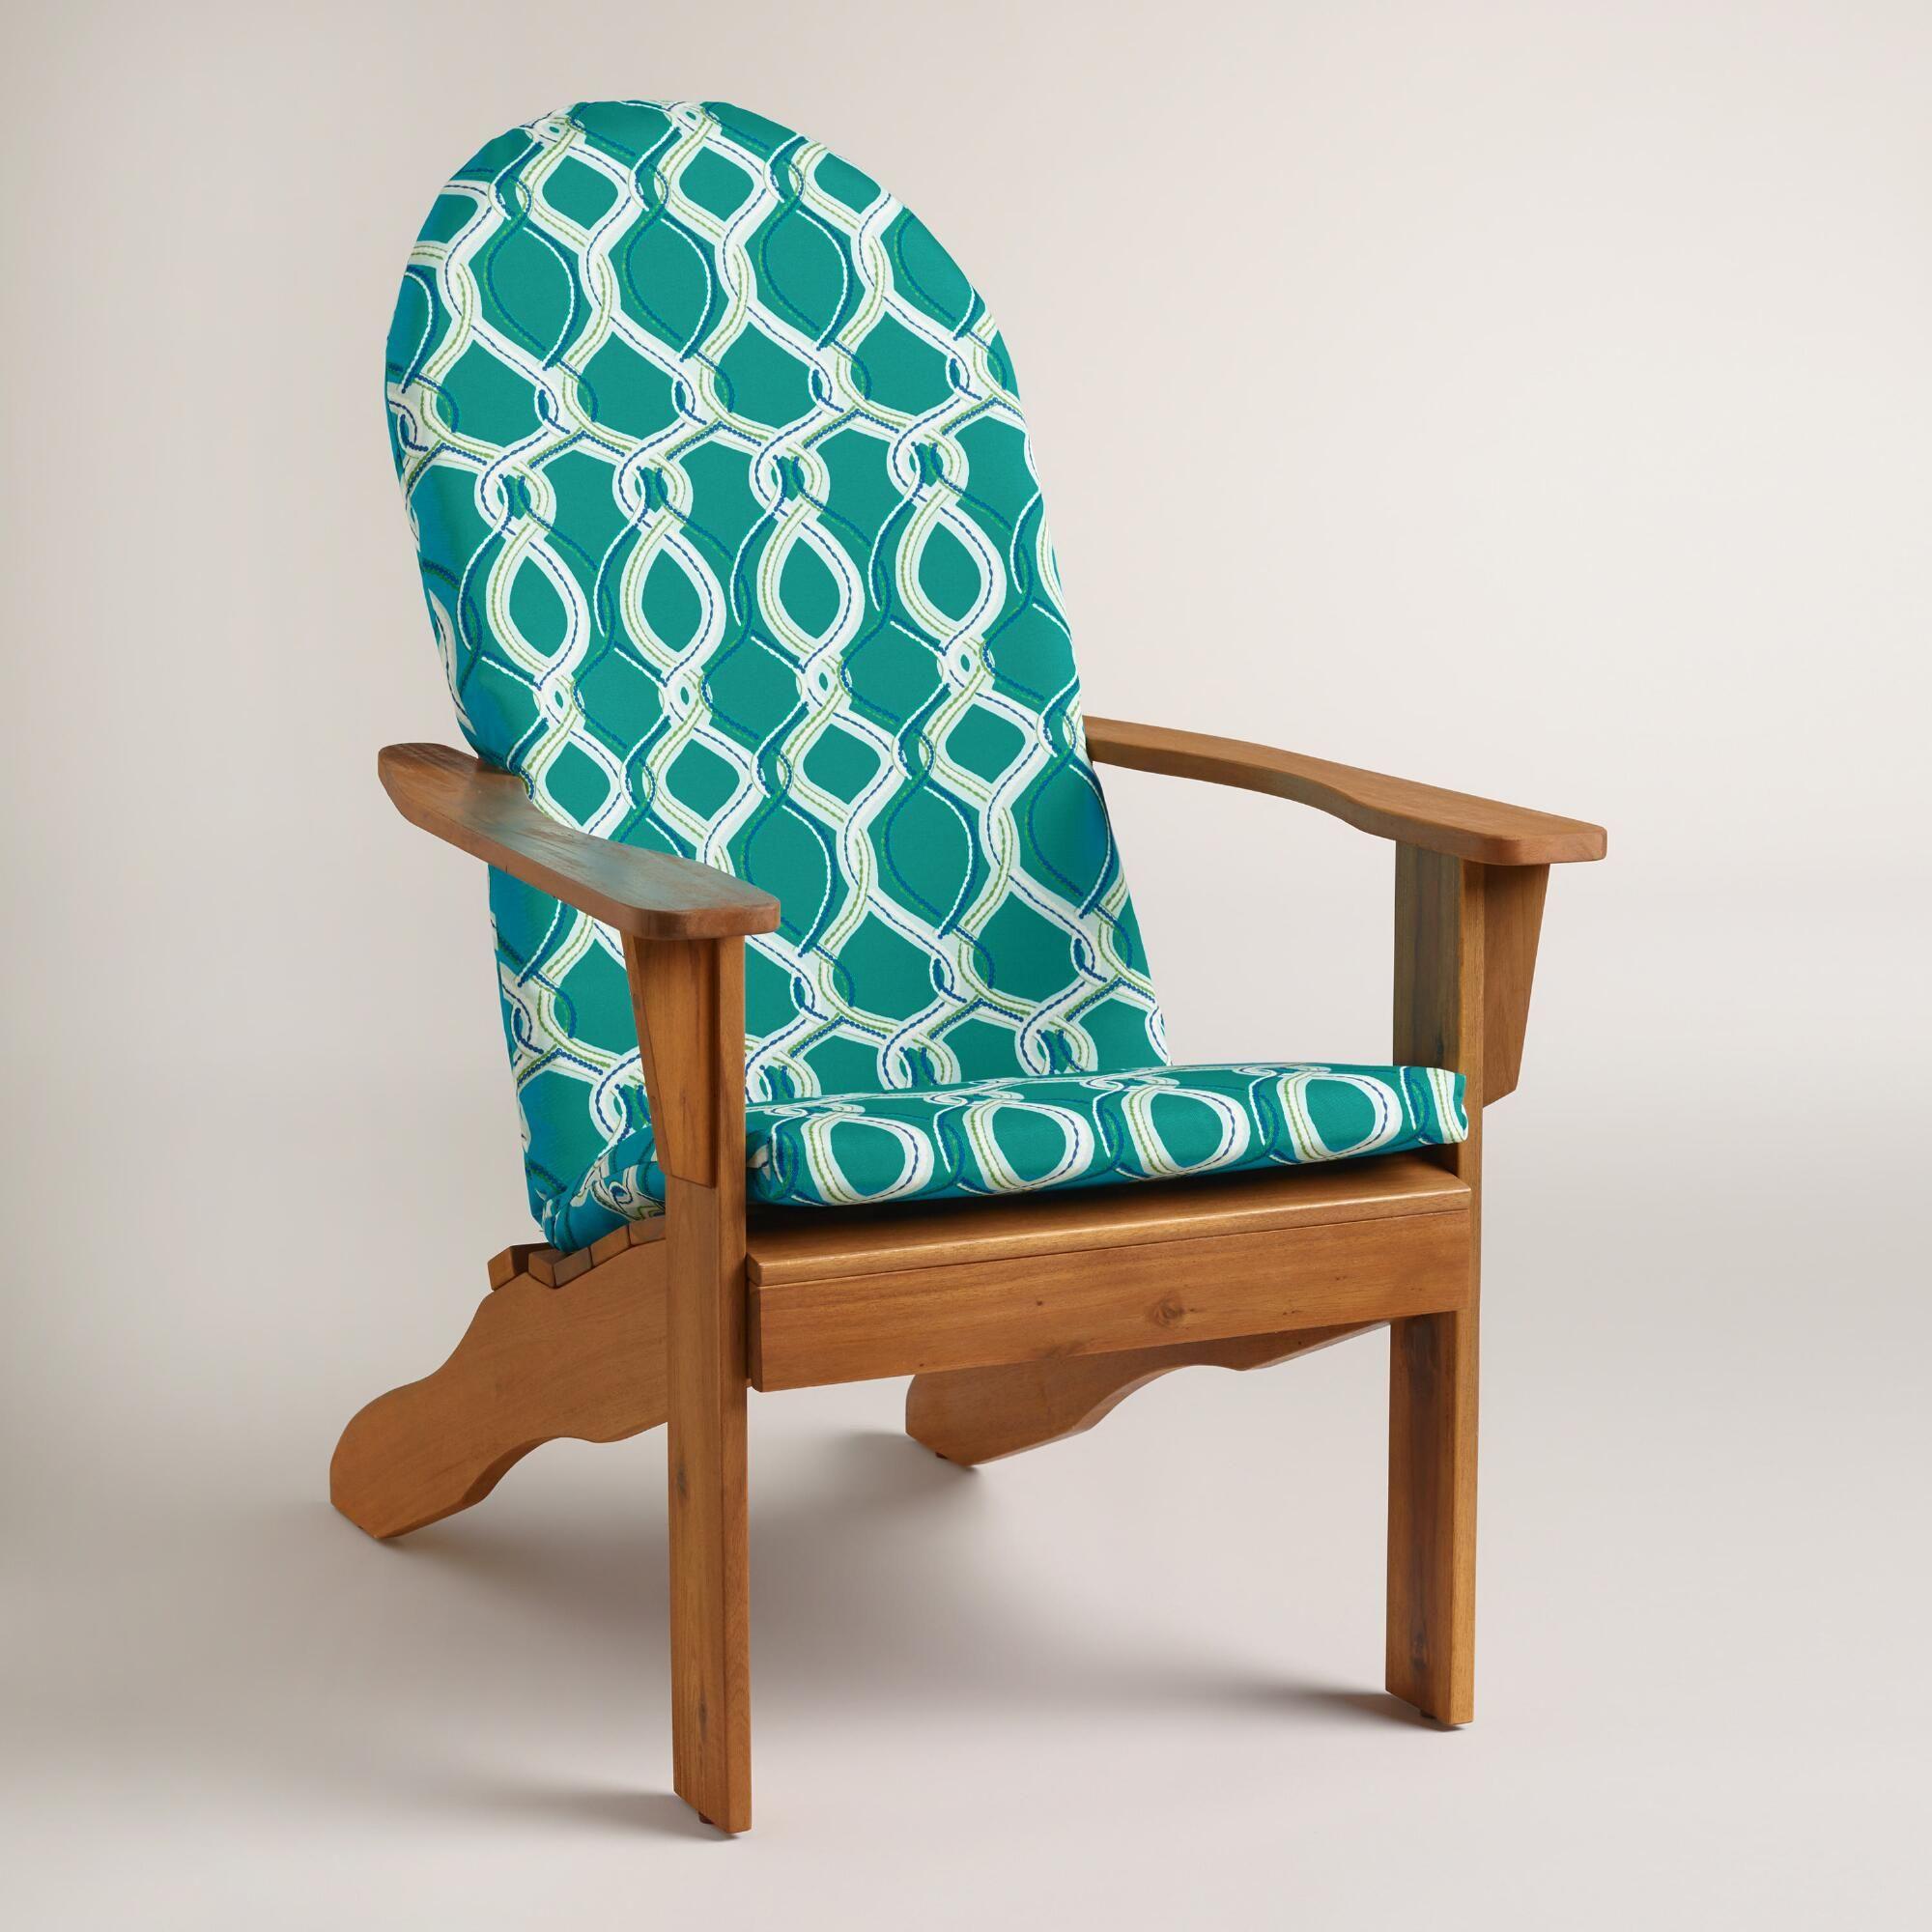 Blue ventura adirondack chair cushion adirondack chair